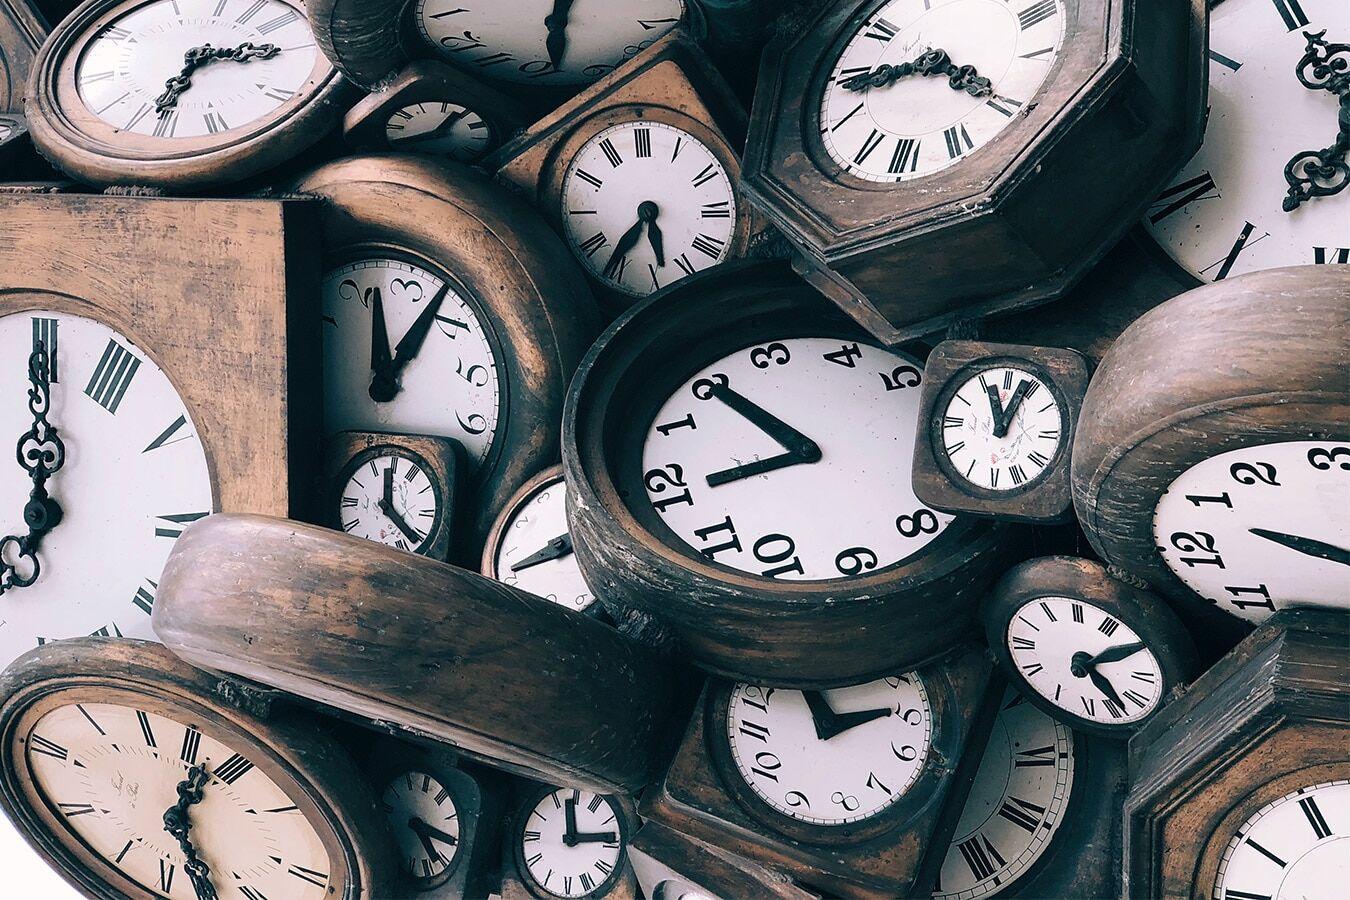 почему время стало идти быстрее